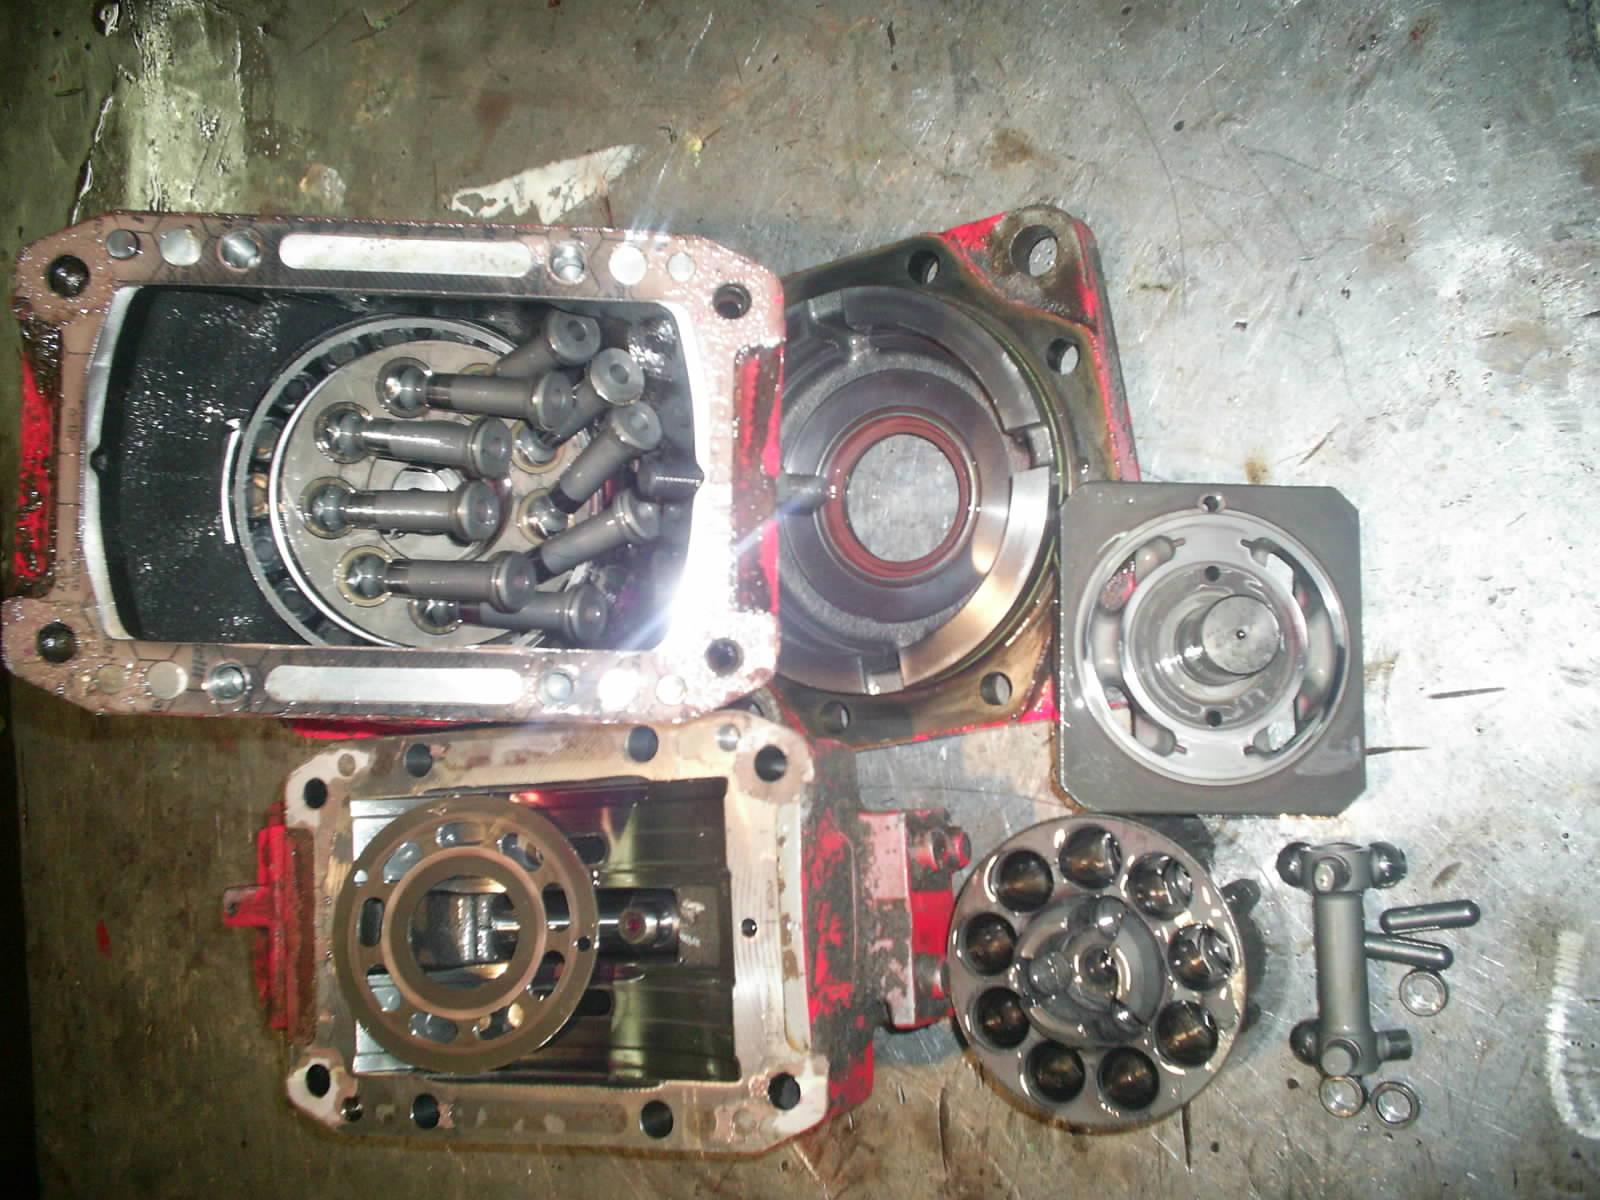 moteur_hydraulique_sauer_danfoss_51v160.JPG